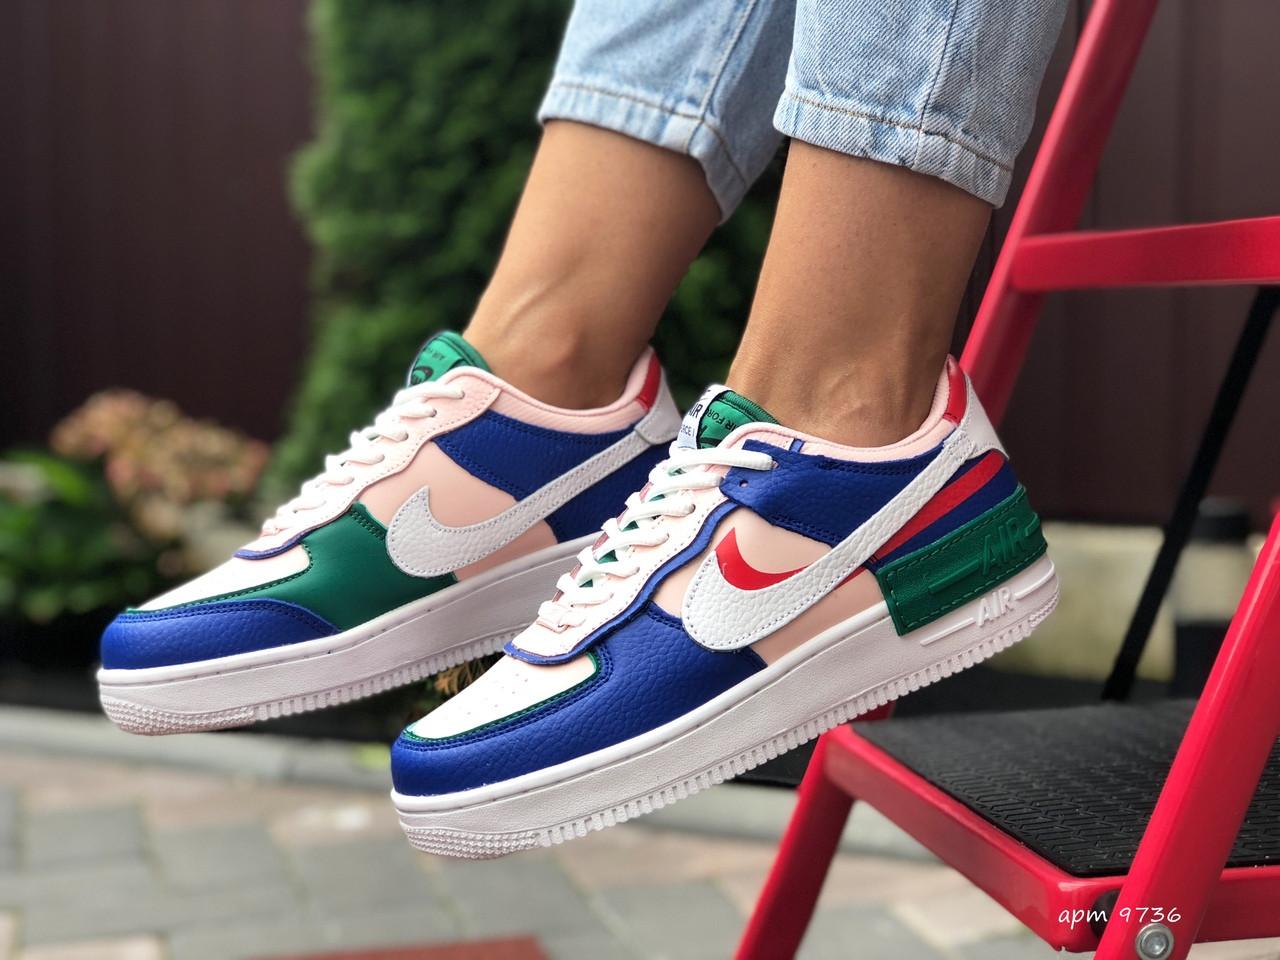 Nike Air женские розовые с синим/зеленые демисезонные кроссовки на шнурках